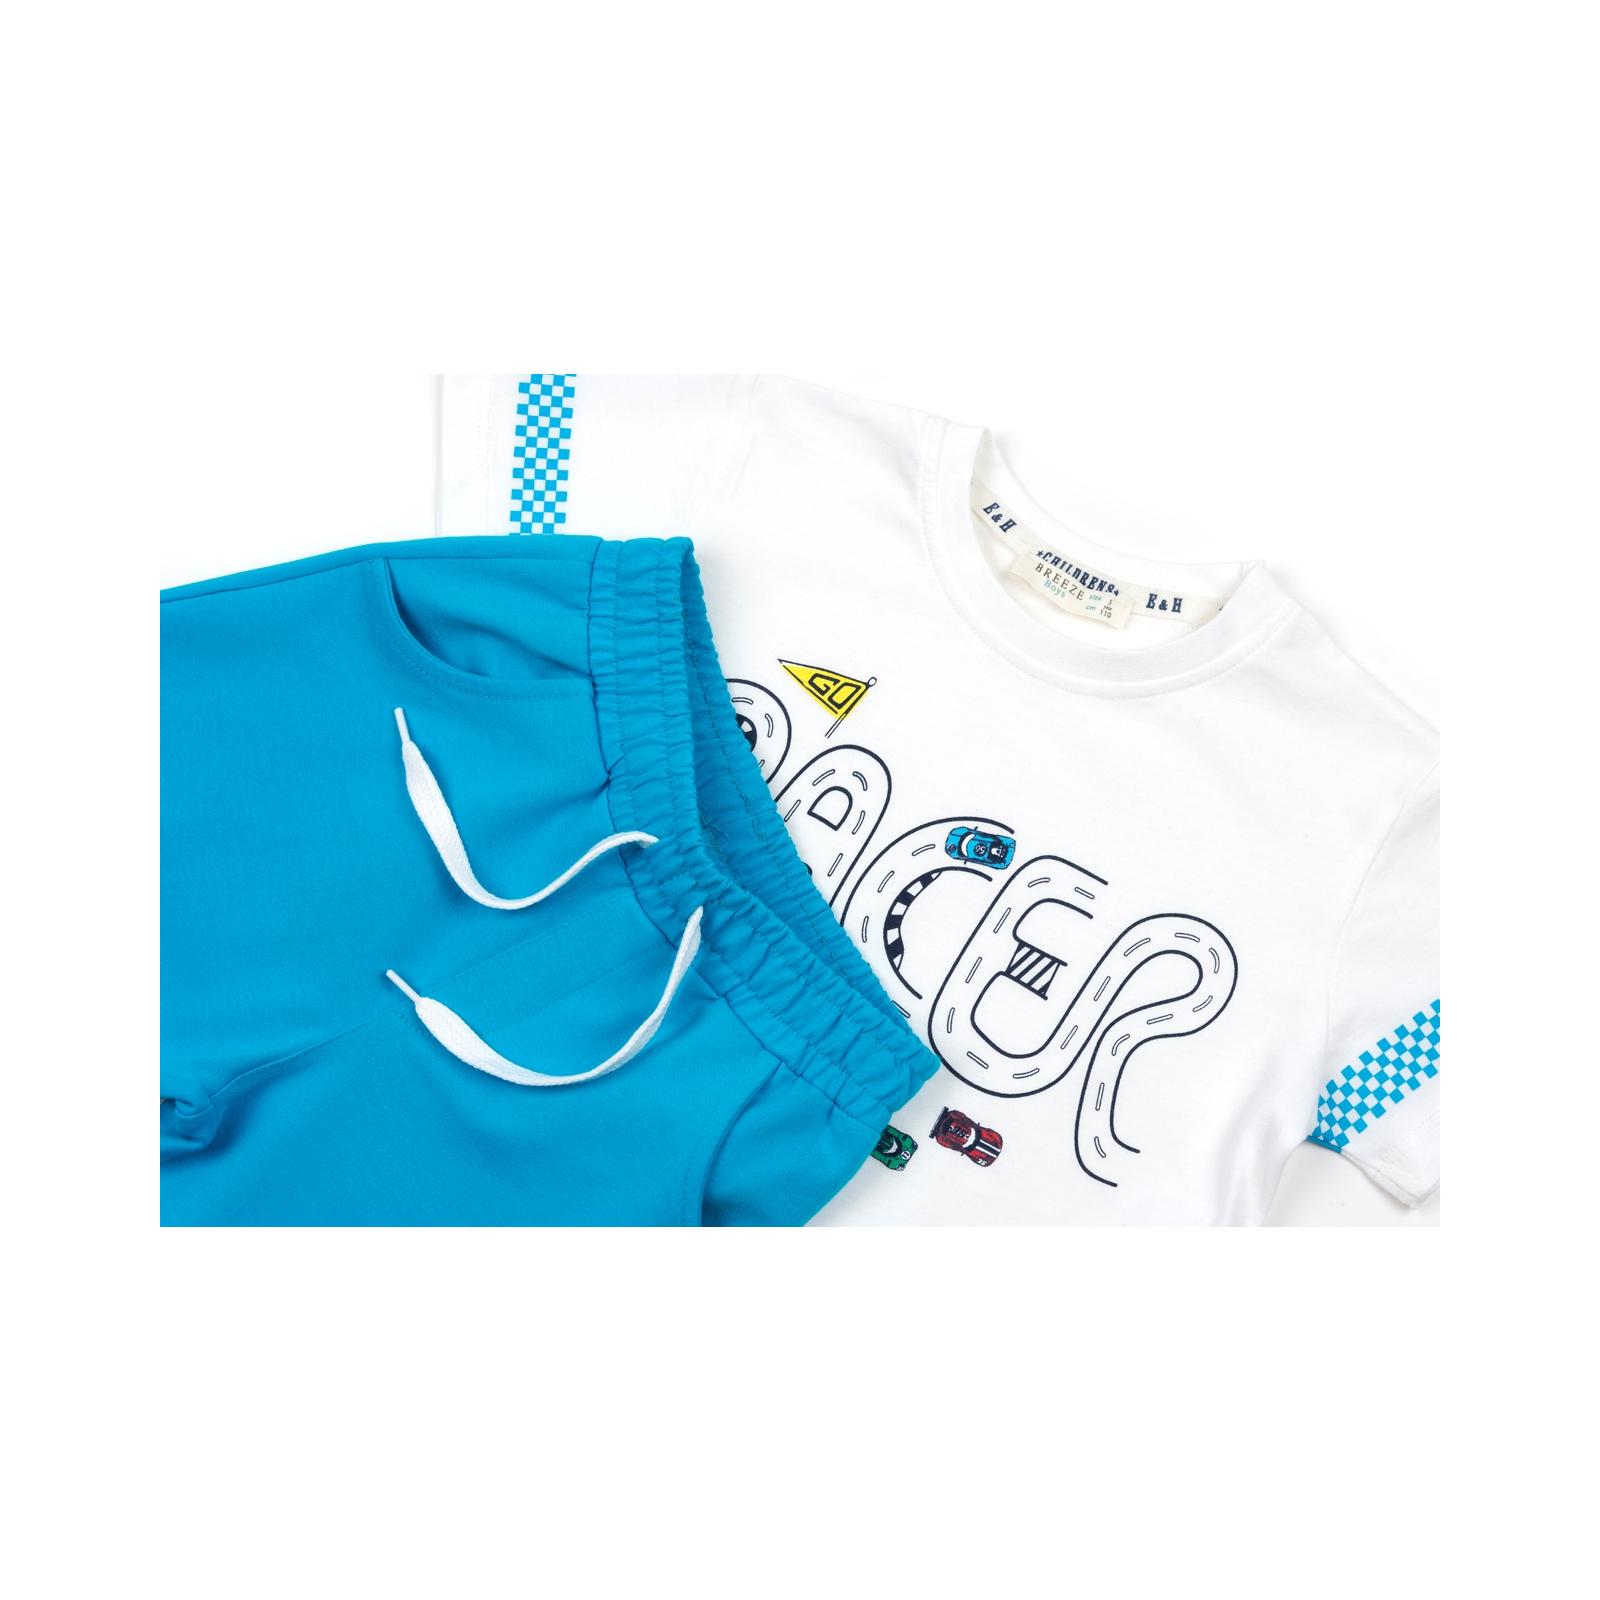 Набор детской одежды Breeze с машинками (12103-92B-blue) изображение 3